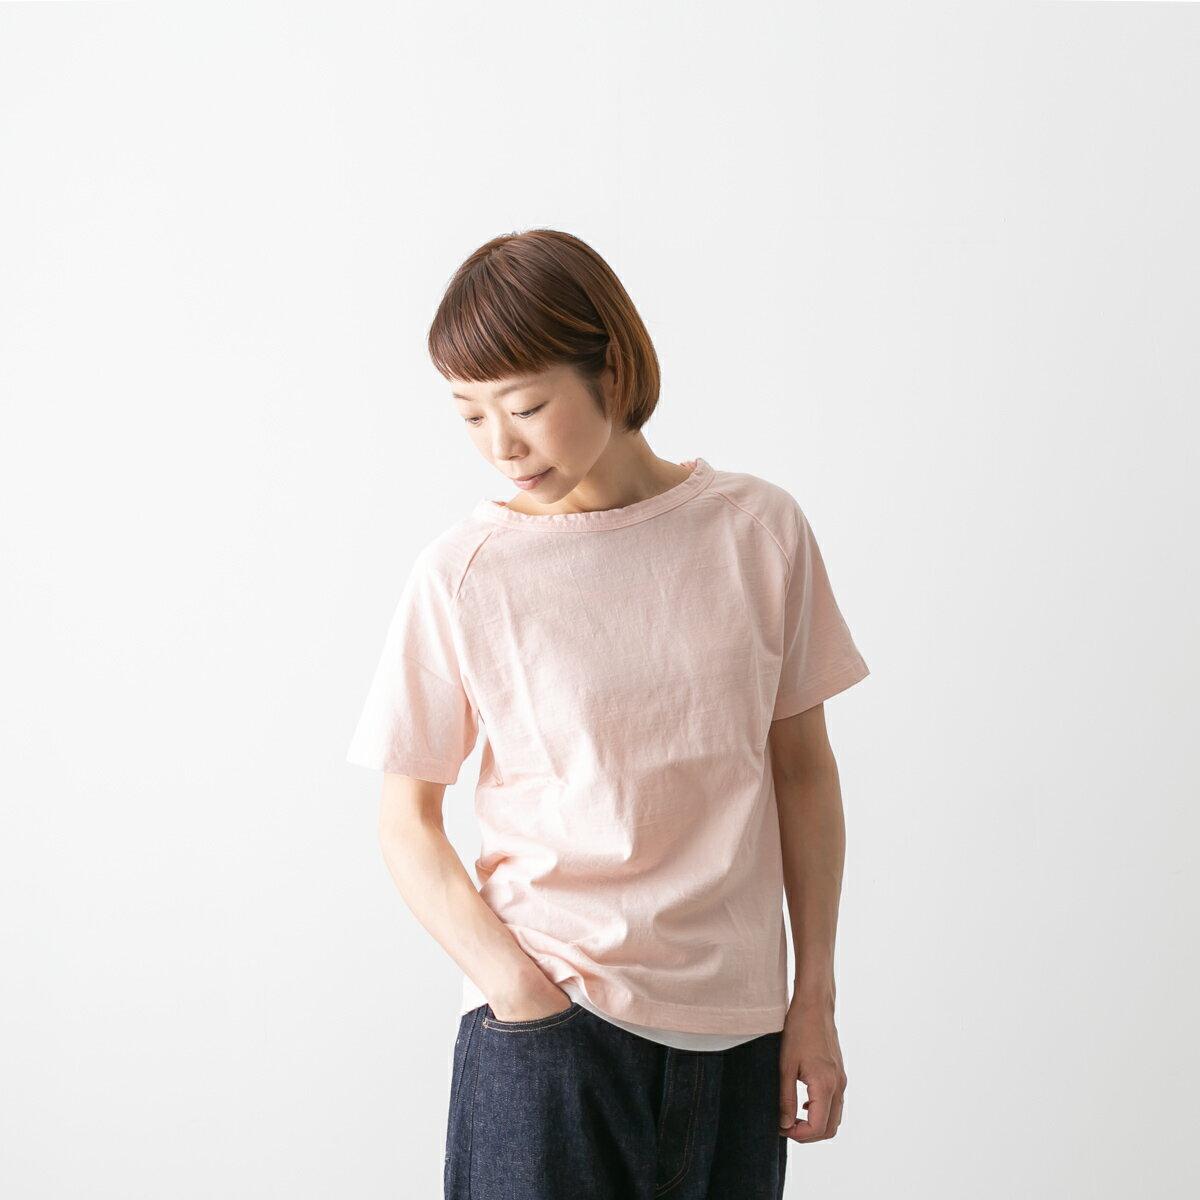 (メール便OK)・DANA FANEUIL ダナファヌル ムラ糸 半袖 無地 カットソー Tシャツ 13色 D-5616205